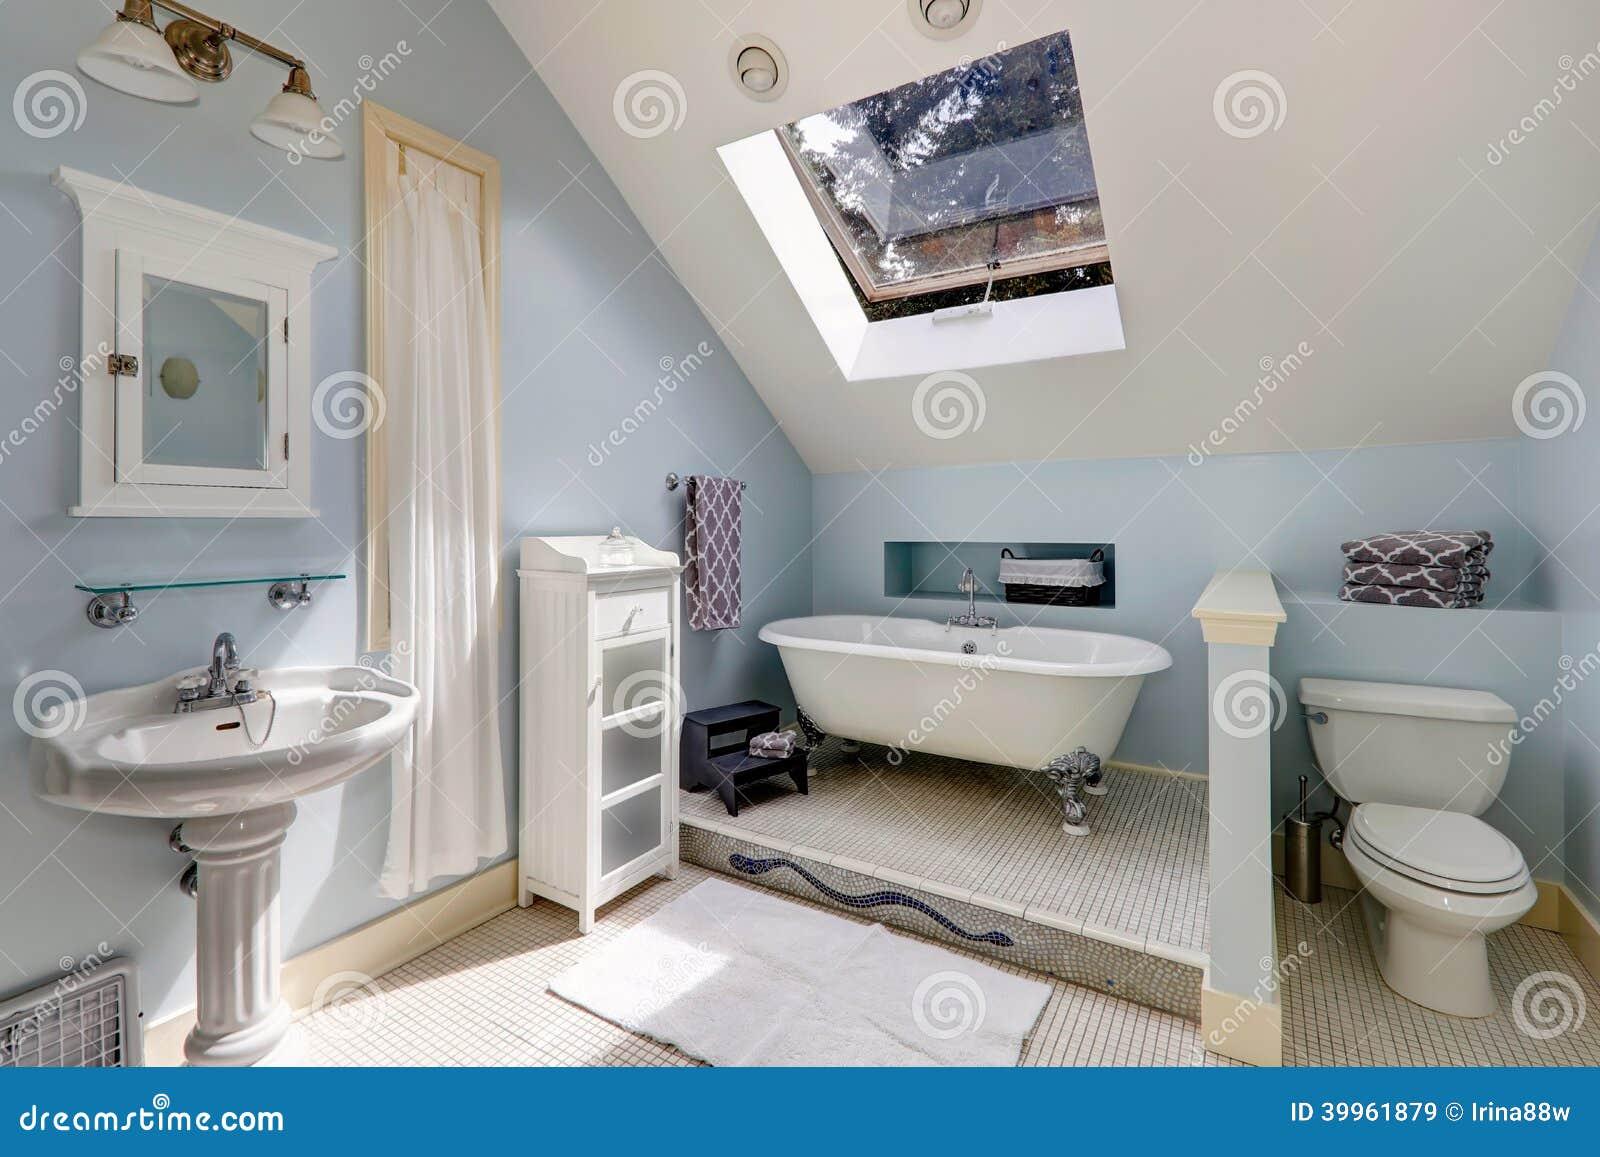 salle de bains de velux avec la baignoire antique image stock image du tage neuf 39961879. Black Bedroom Furniture Sets. Home Design Ideas